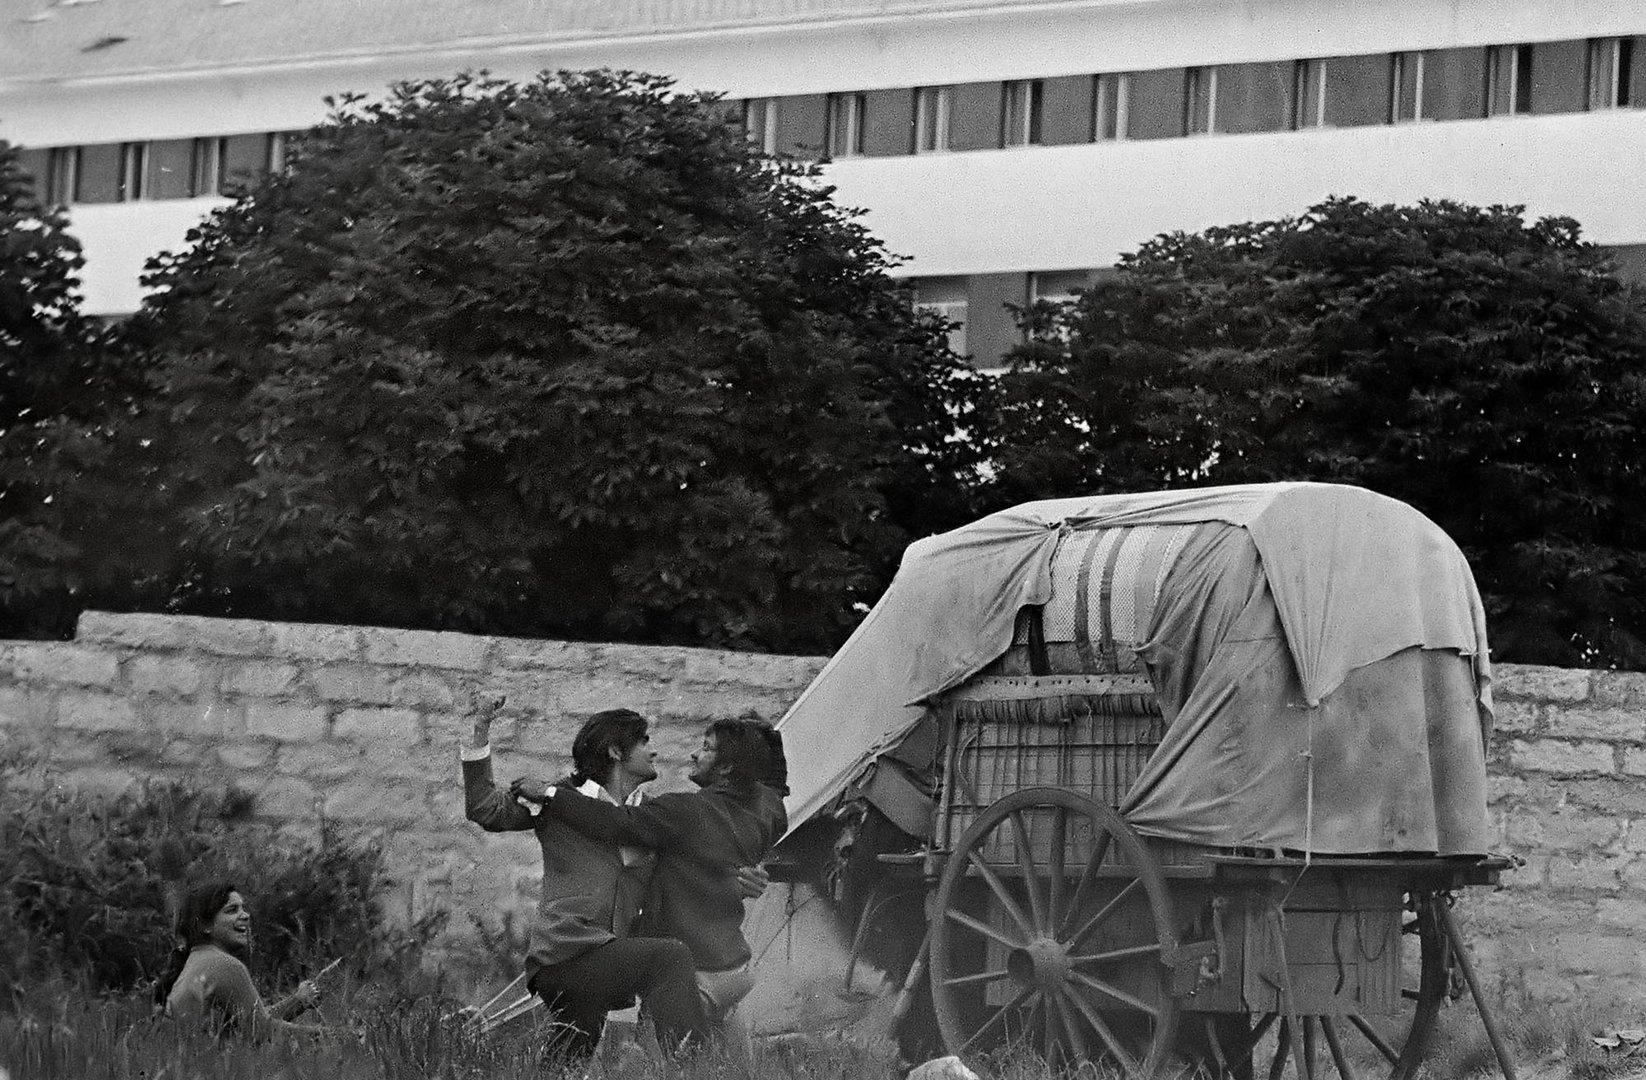 Año 1.974 - LA CARRETA DE LOS GITANOS